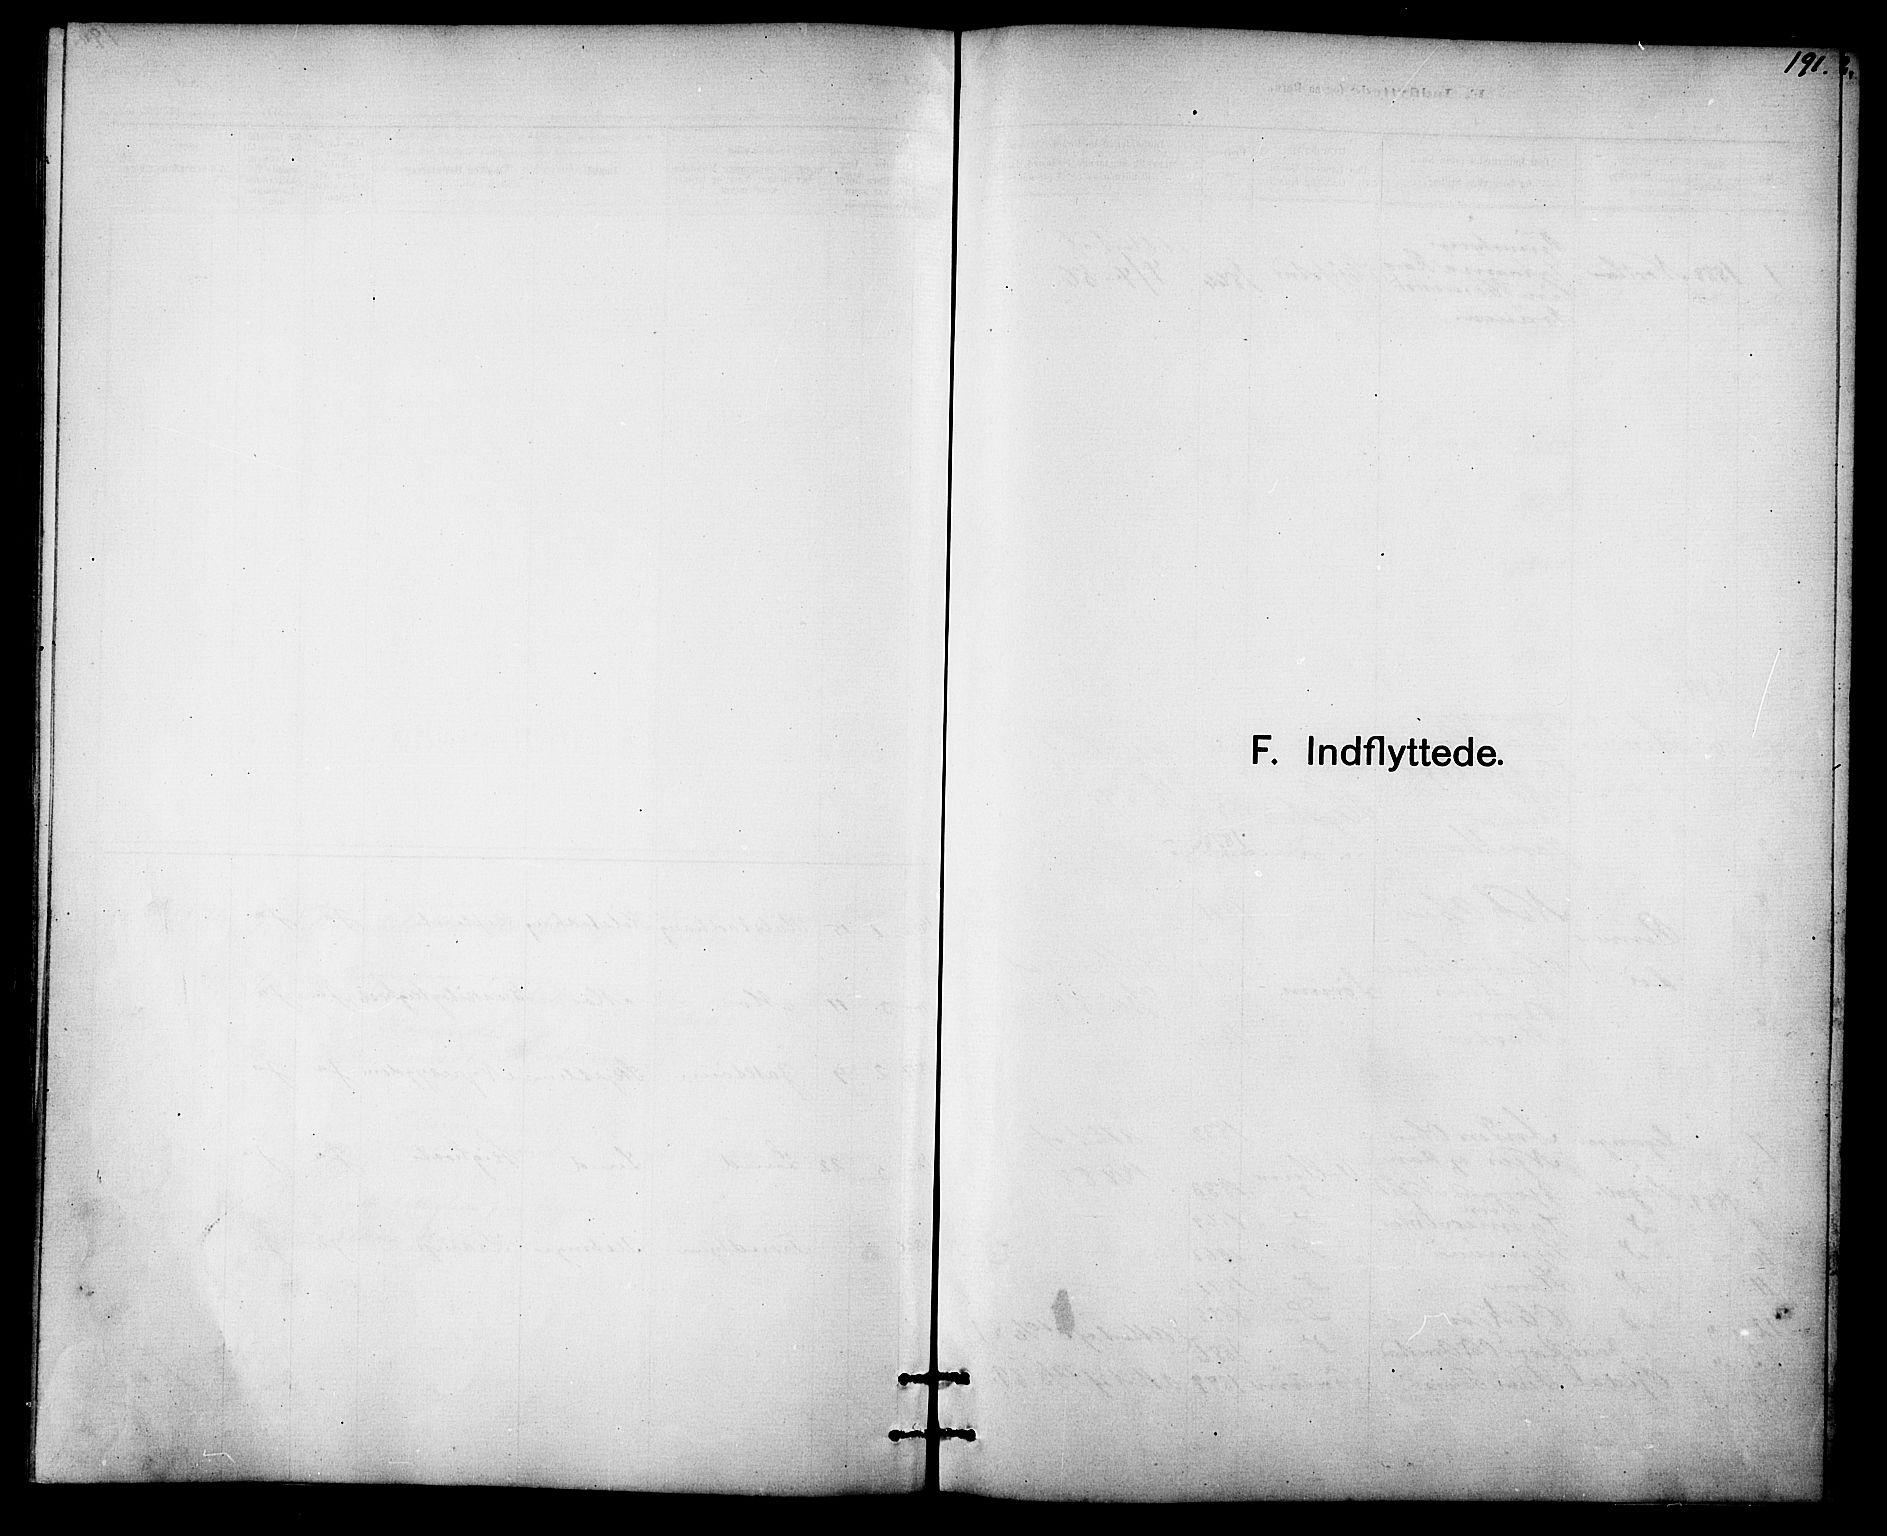 SAT, Ministerialprotokoller, klokkerbøker og fødselsregistre - Sør-Trøndelag, 613/L0395: Klokkerbok nr. 613C03, 1887-1909, s. 191